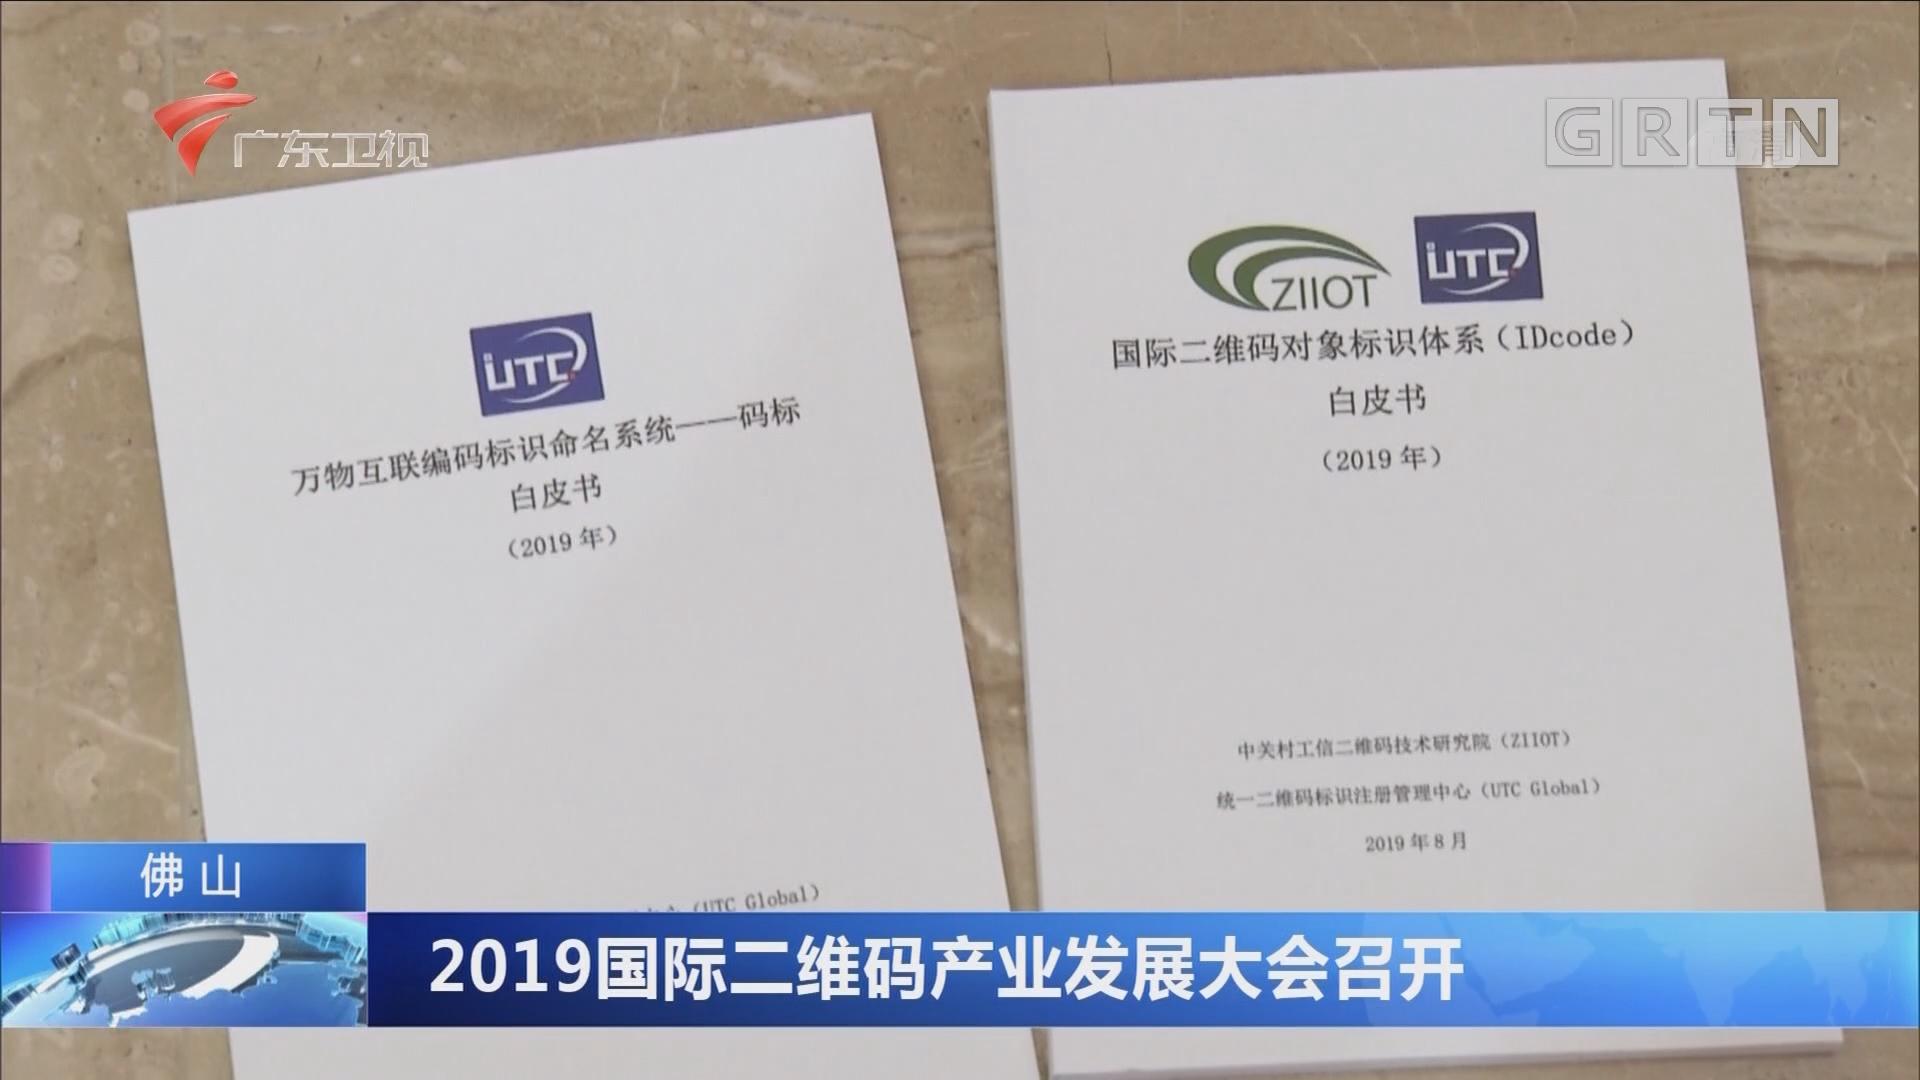 佛山:2019国际二维码产业发展大会召开